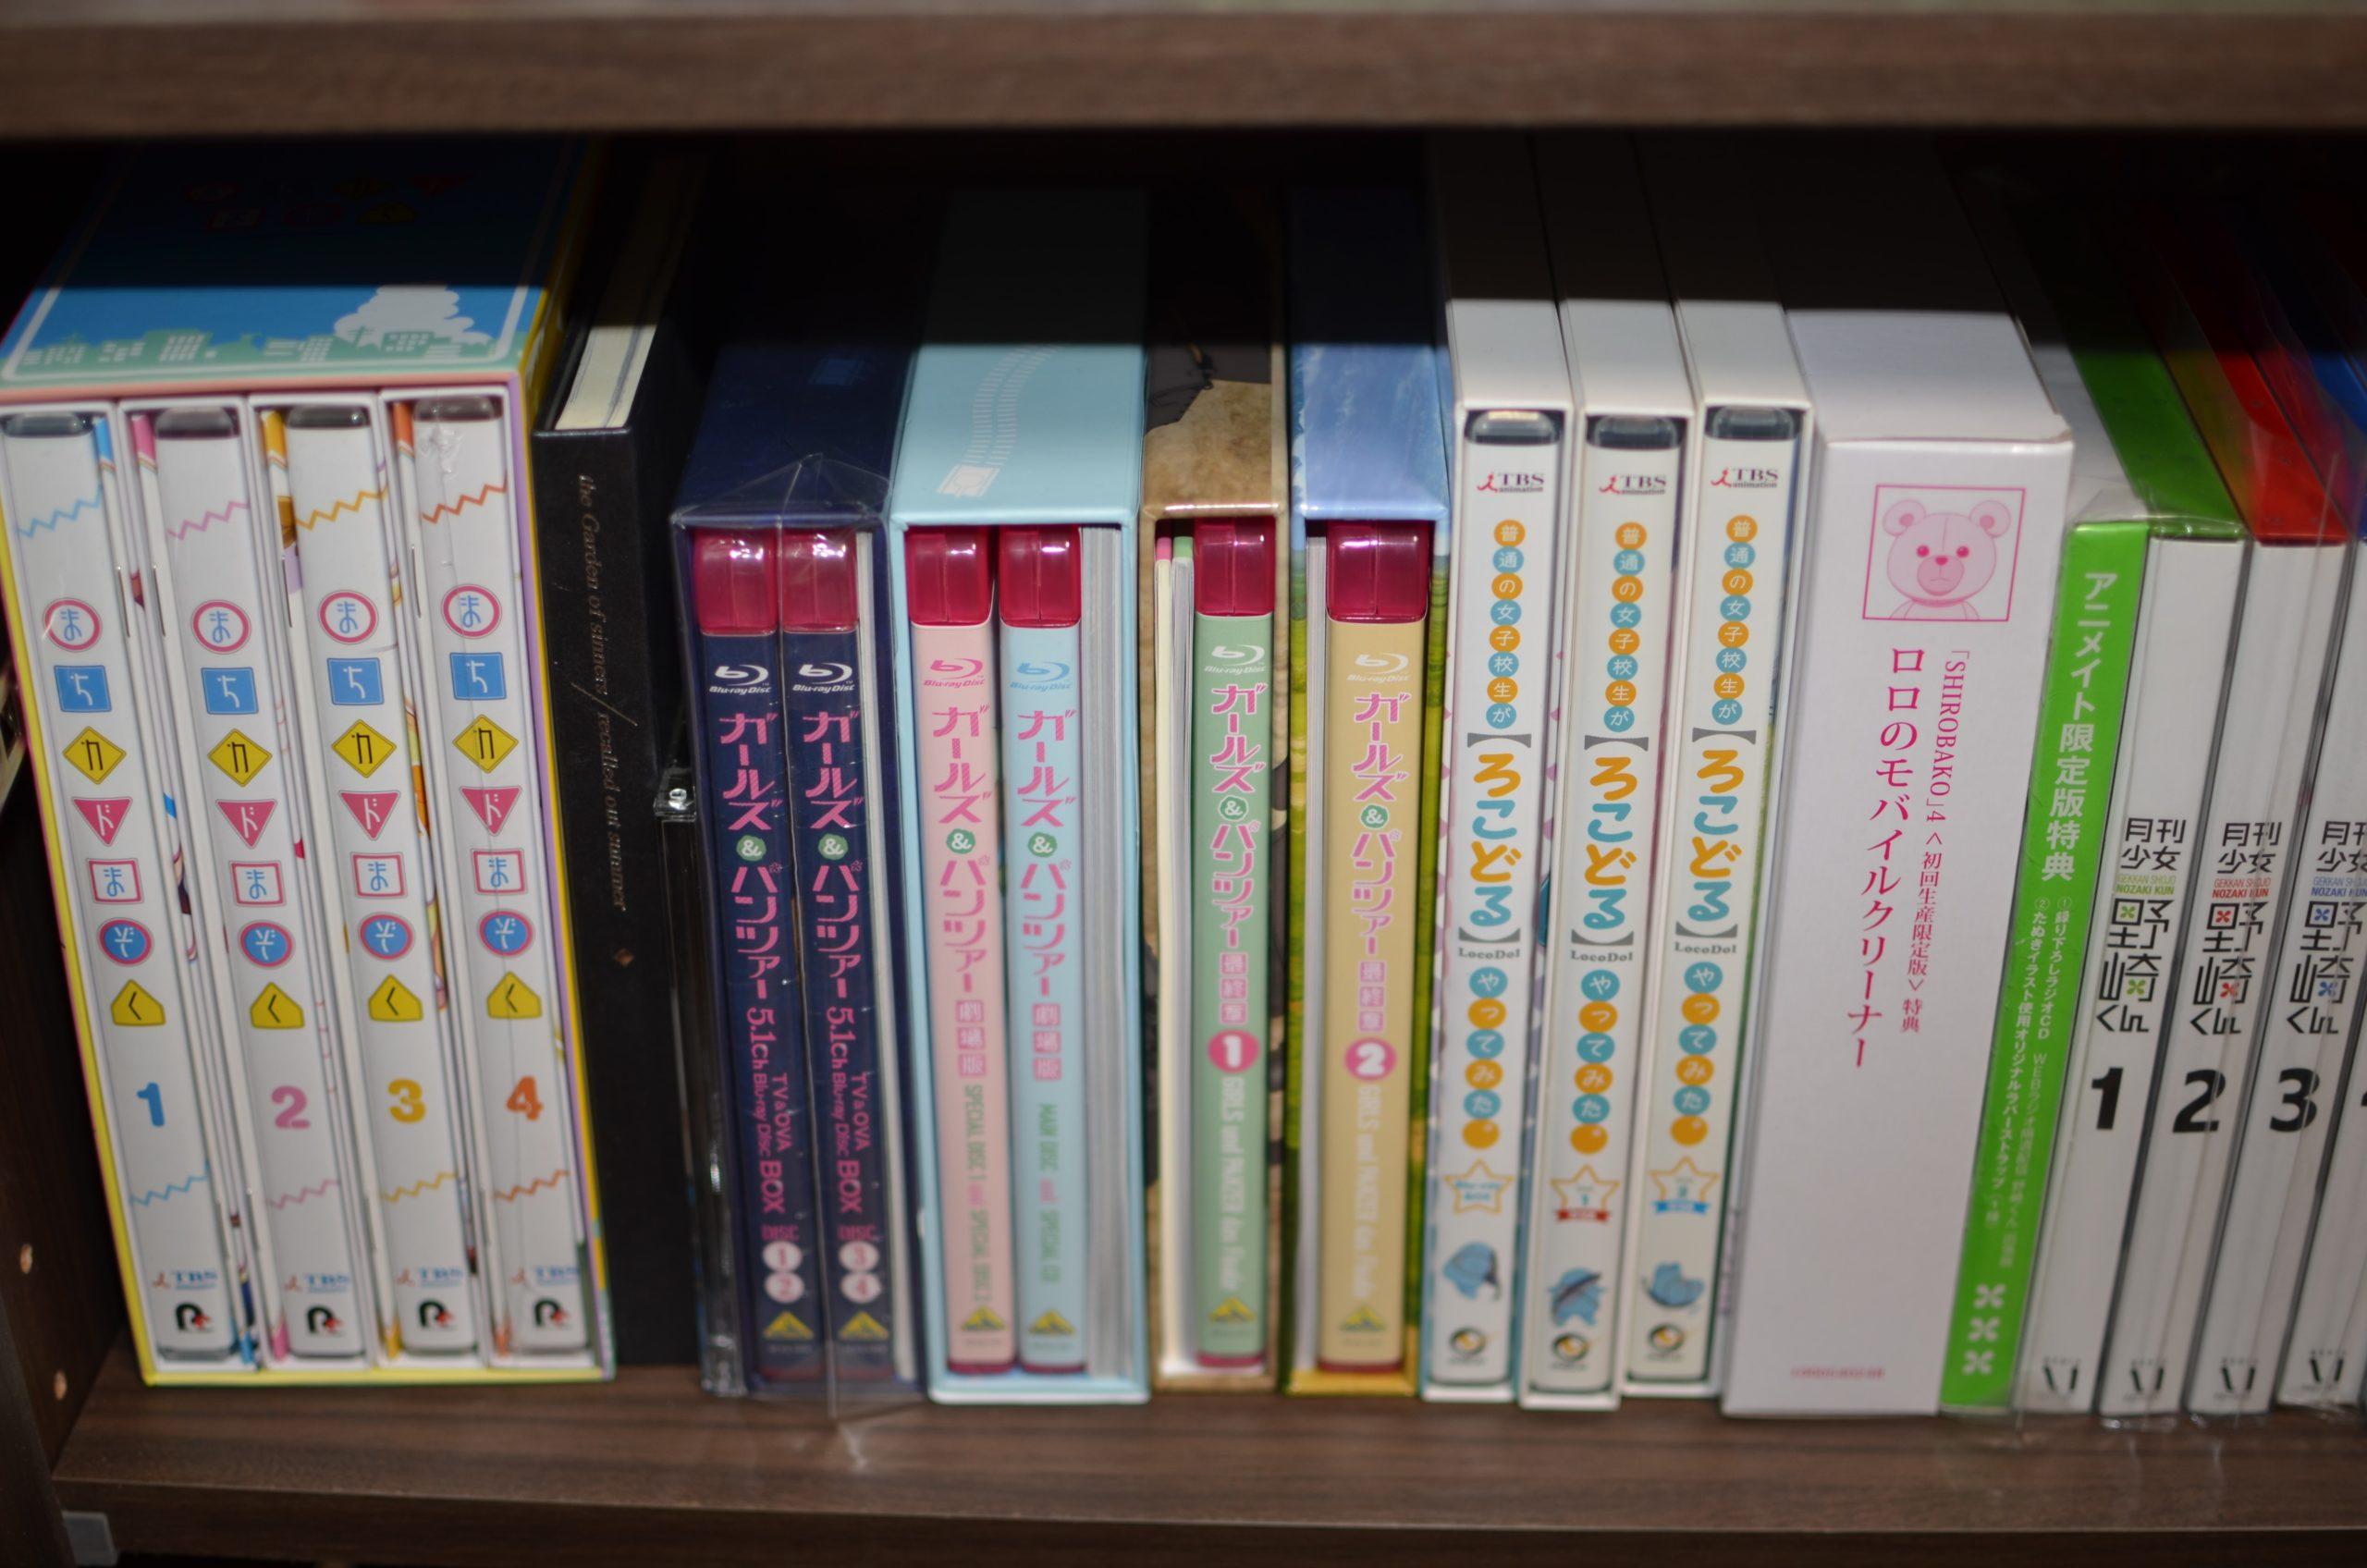 2010年代おすすめアニメ作品6選+α